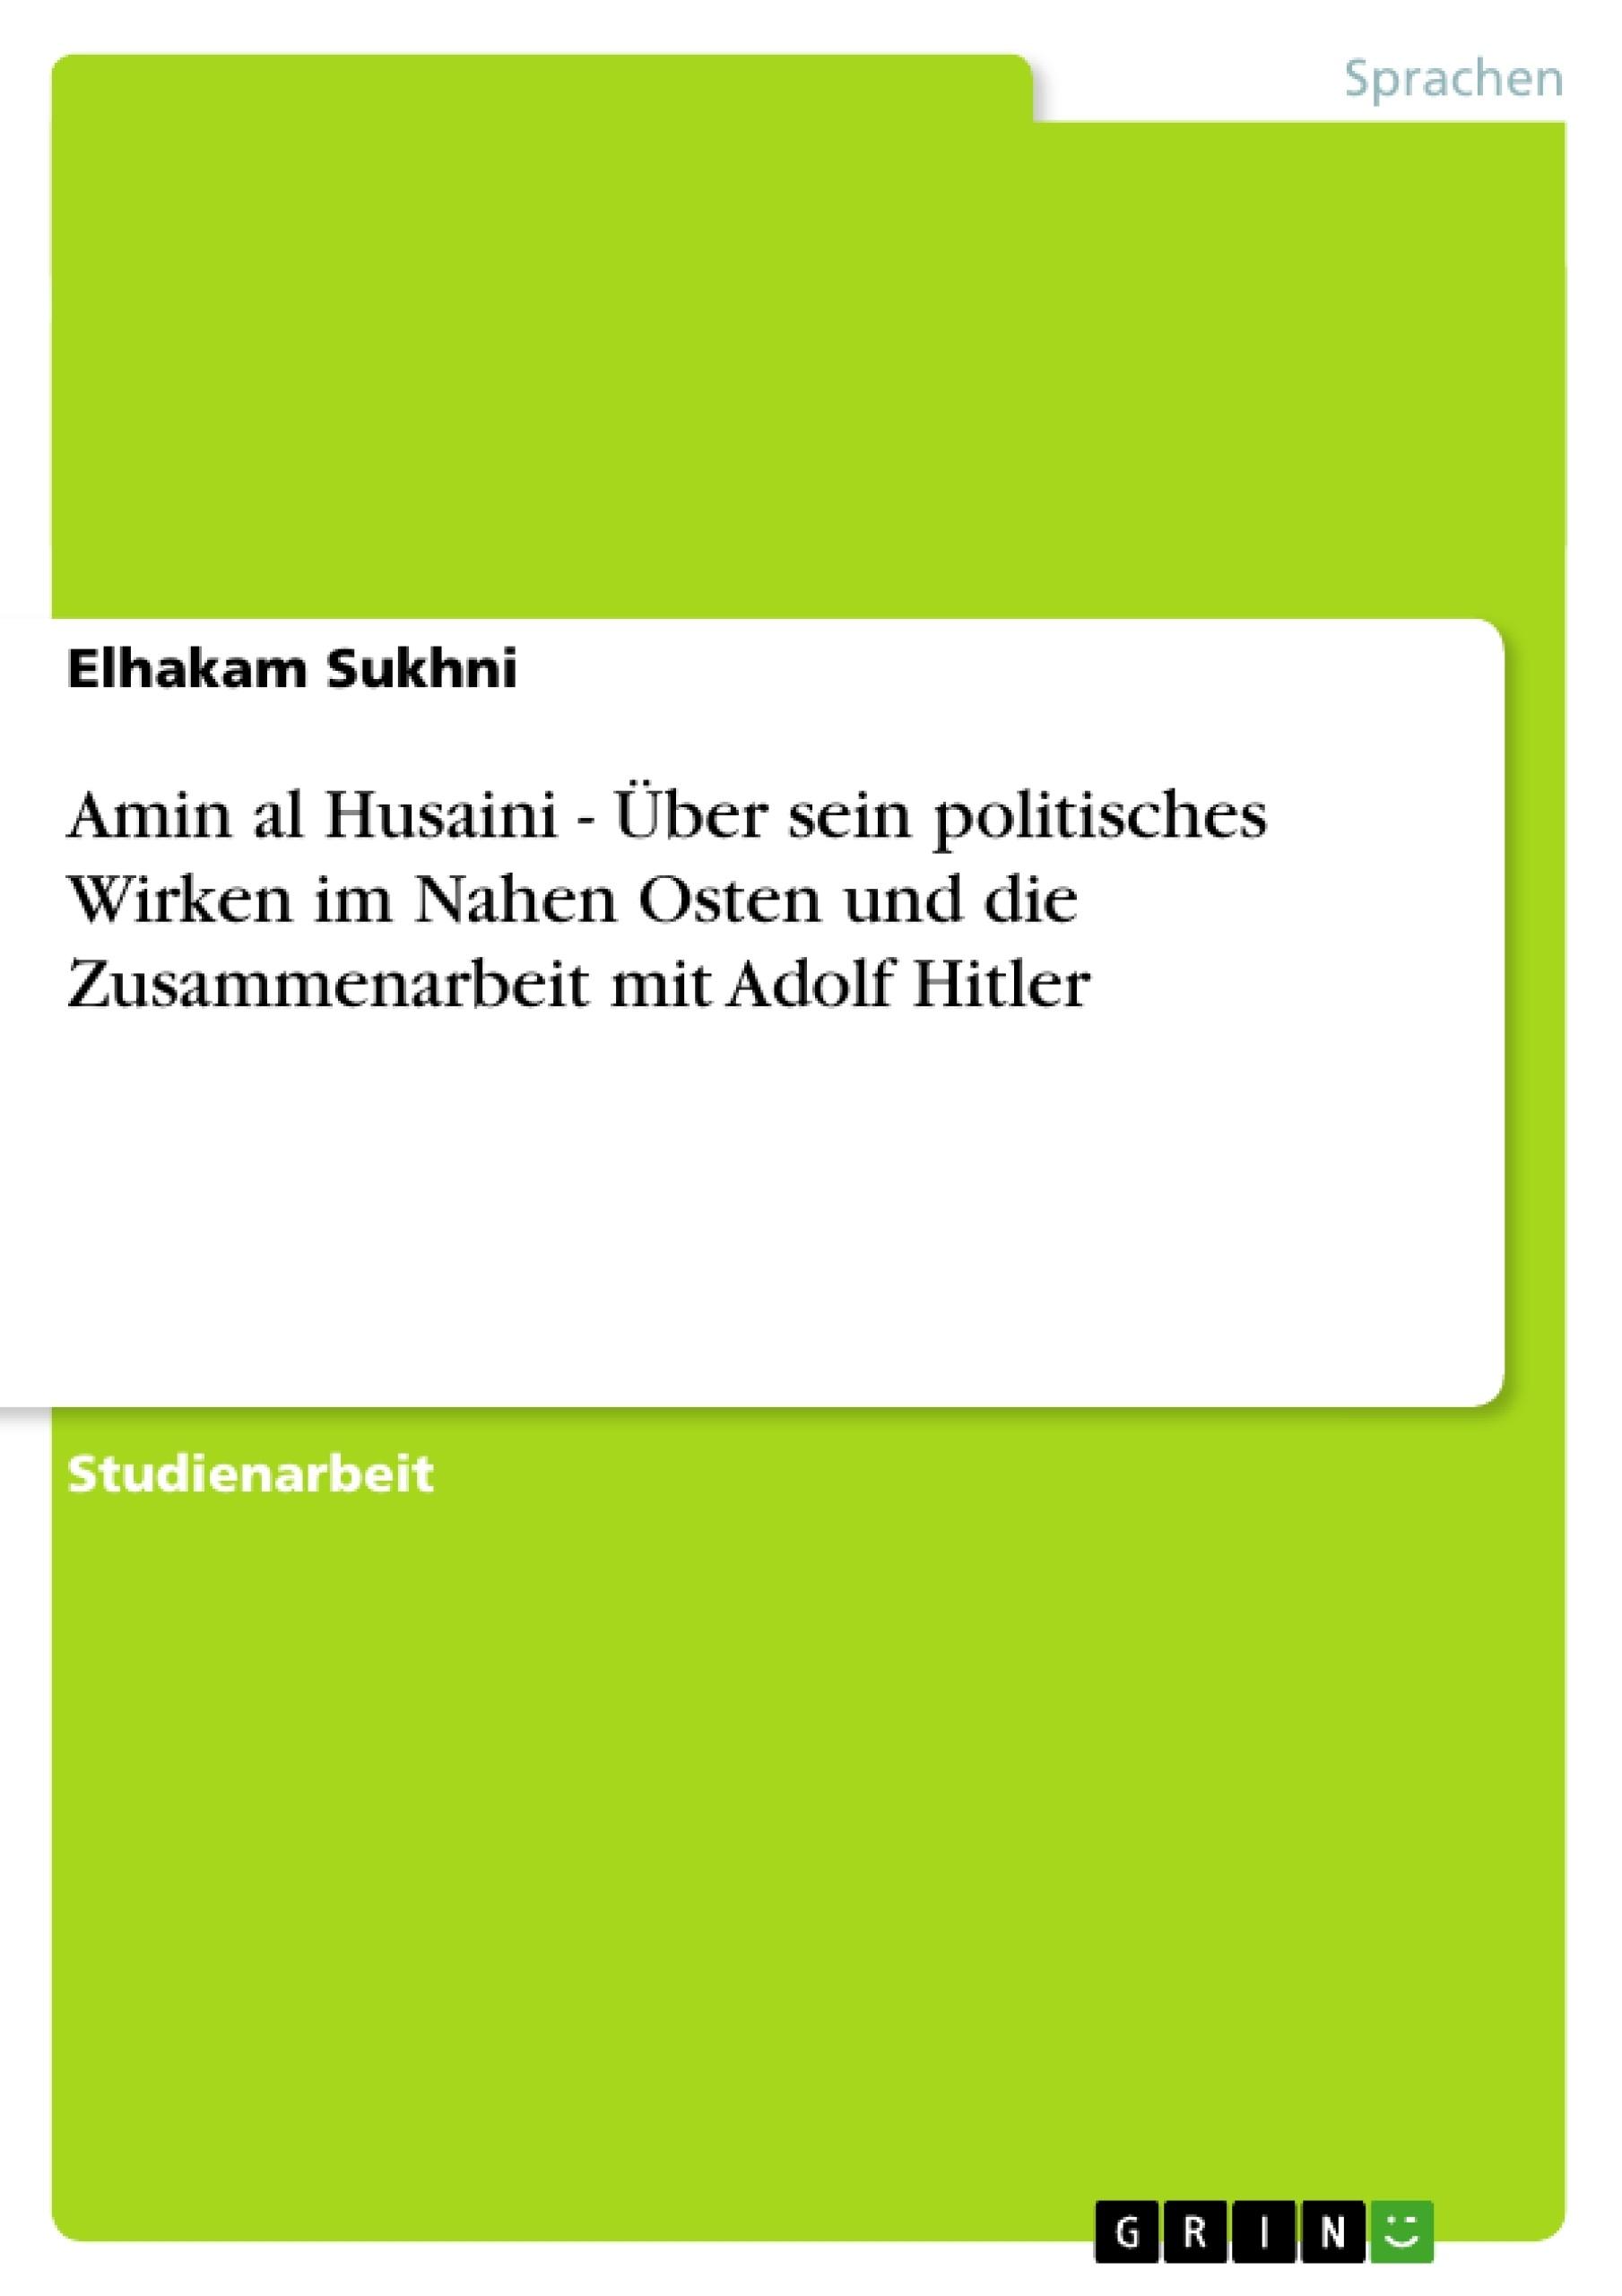 Titel: Amin al Husaini - Über sein politisches Wirken im Nahen Osten und die Zusammenarbeit mit Adolf Hitler